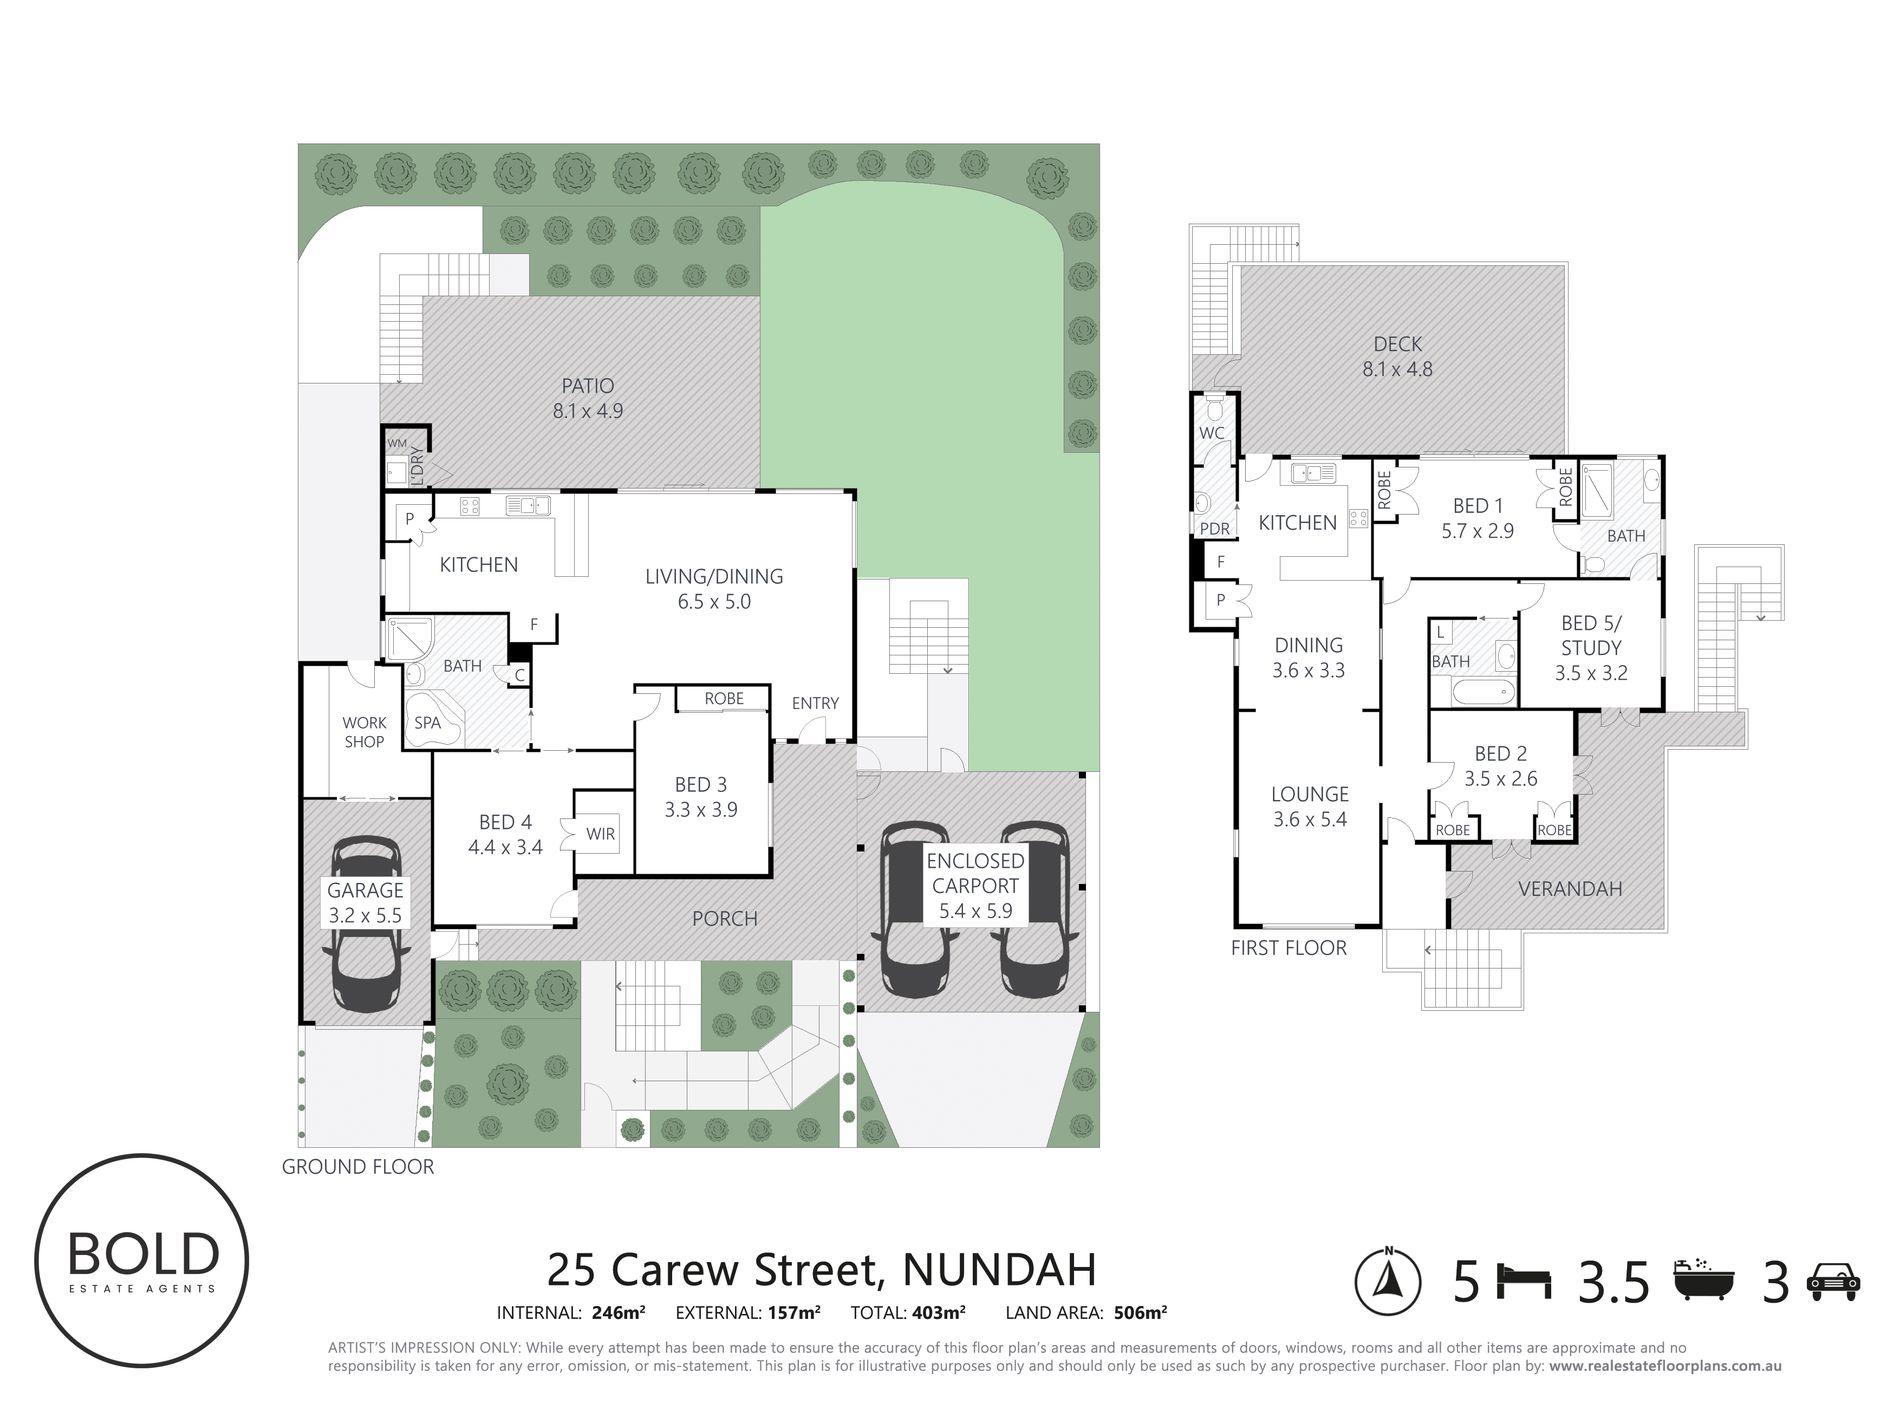 25 Carew Street, Nundah